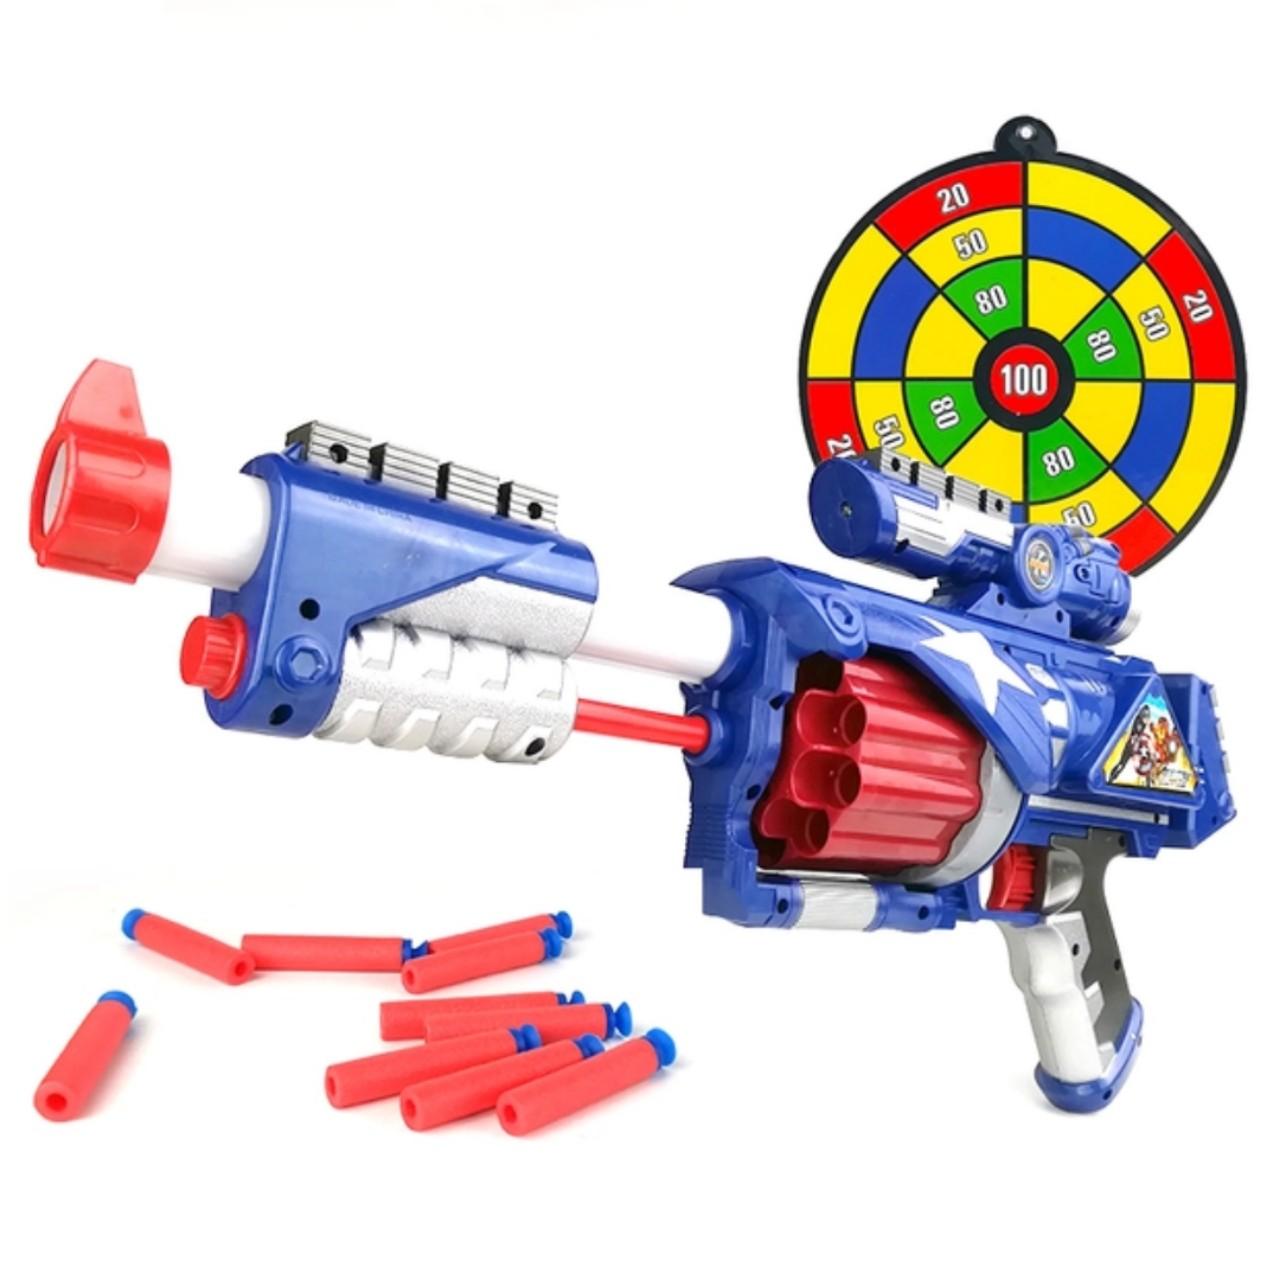 Đồ chơi vận động súng bắn đạn xốp mút kính - Blaster SB361